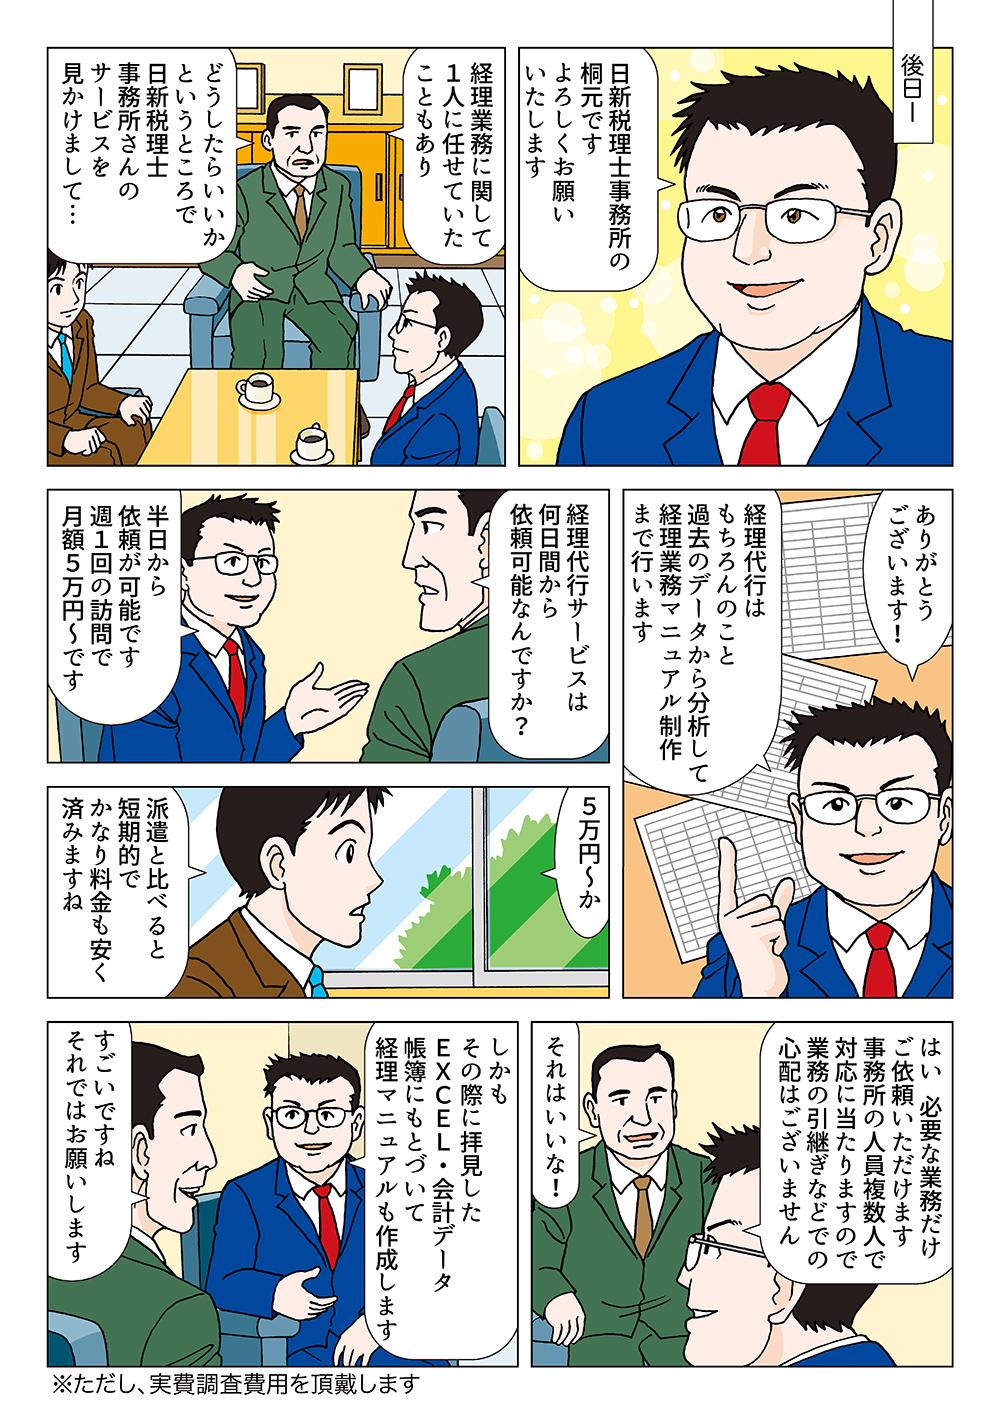 漫画で解説03